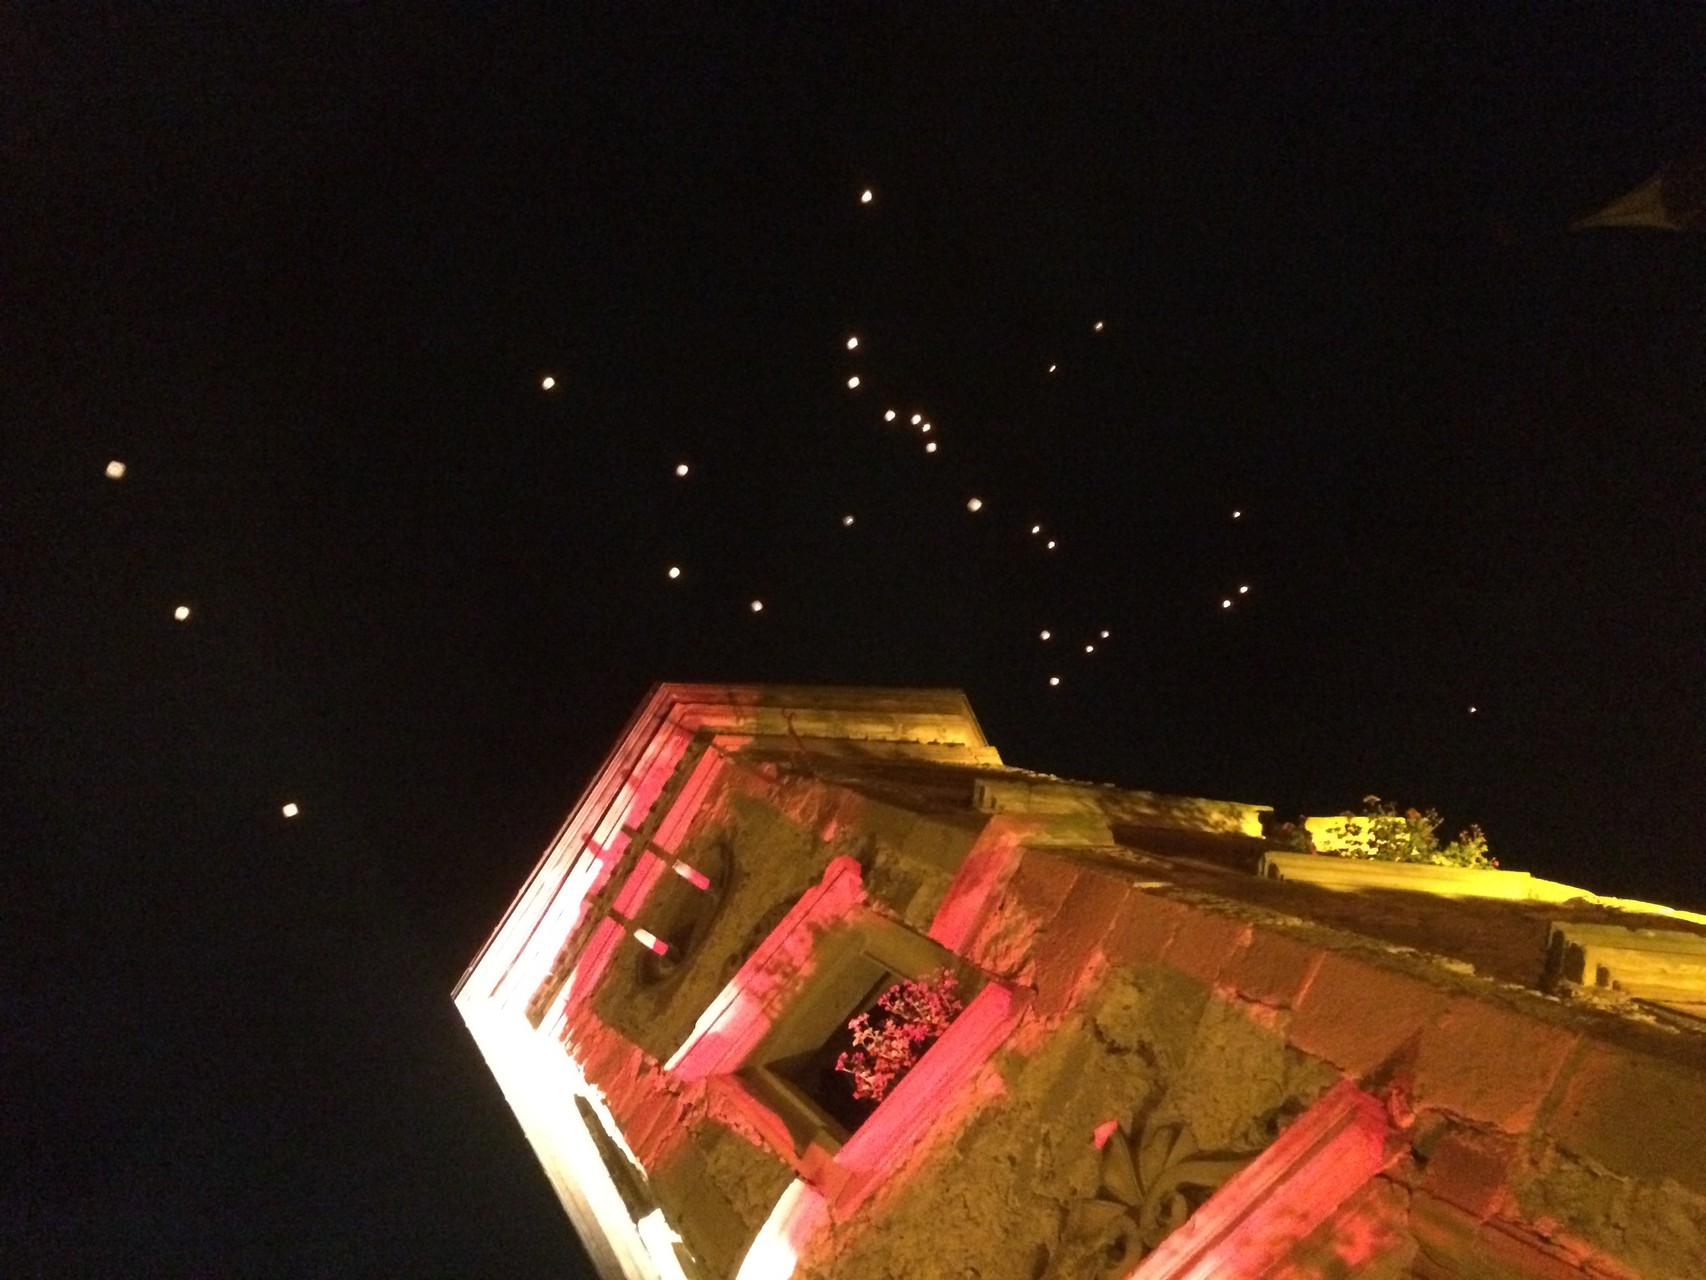 Les lanternes s'envolent dans la nuit au dessus du château Saint-sixte de Freistroff